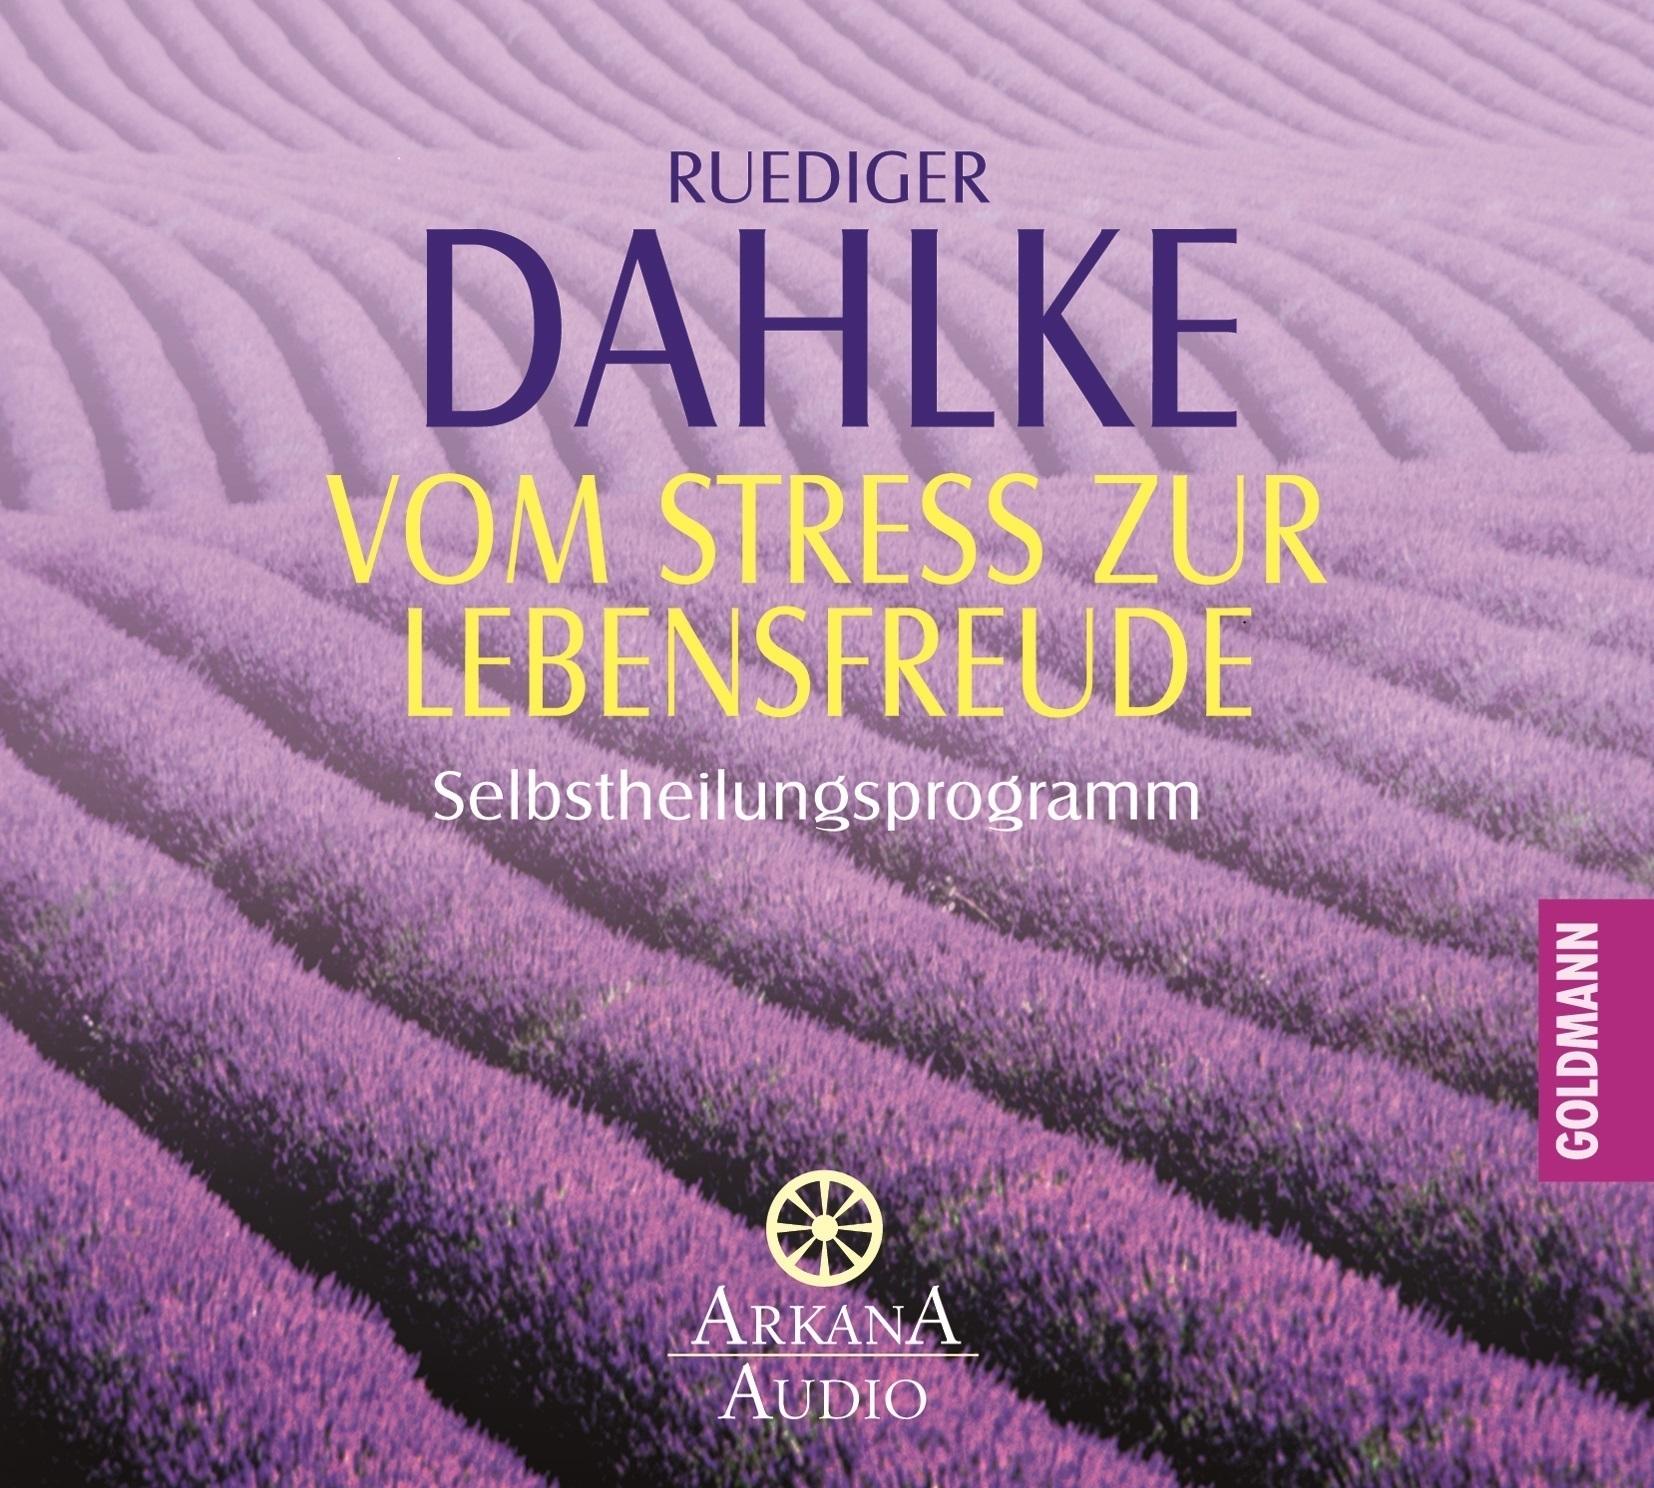 Vom Stress zur Lebensfreude: Selbstheilungsprogramm - - Ruediger Dahlke